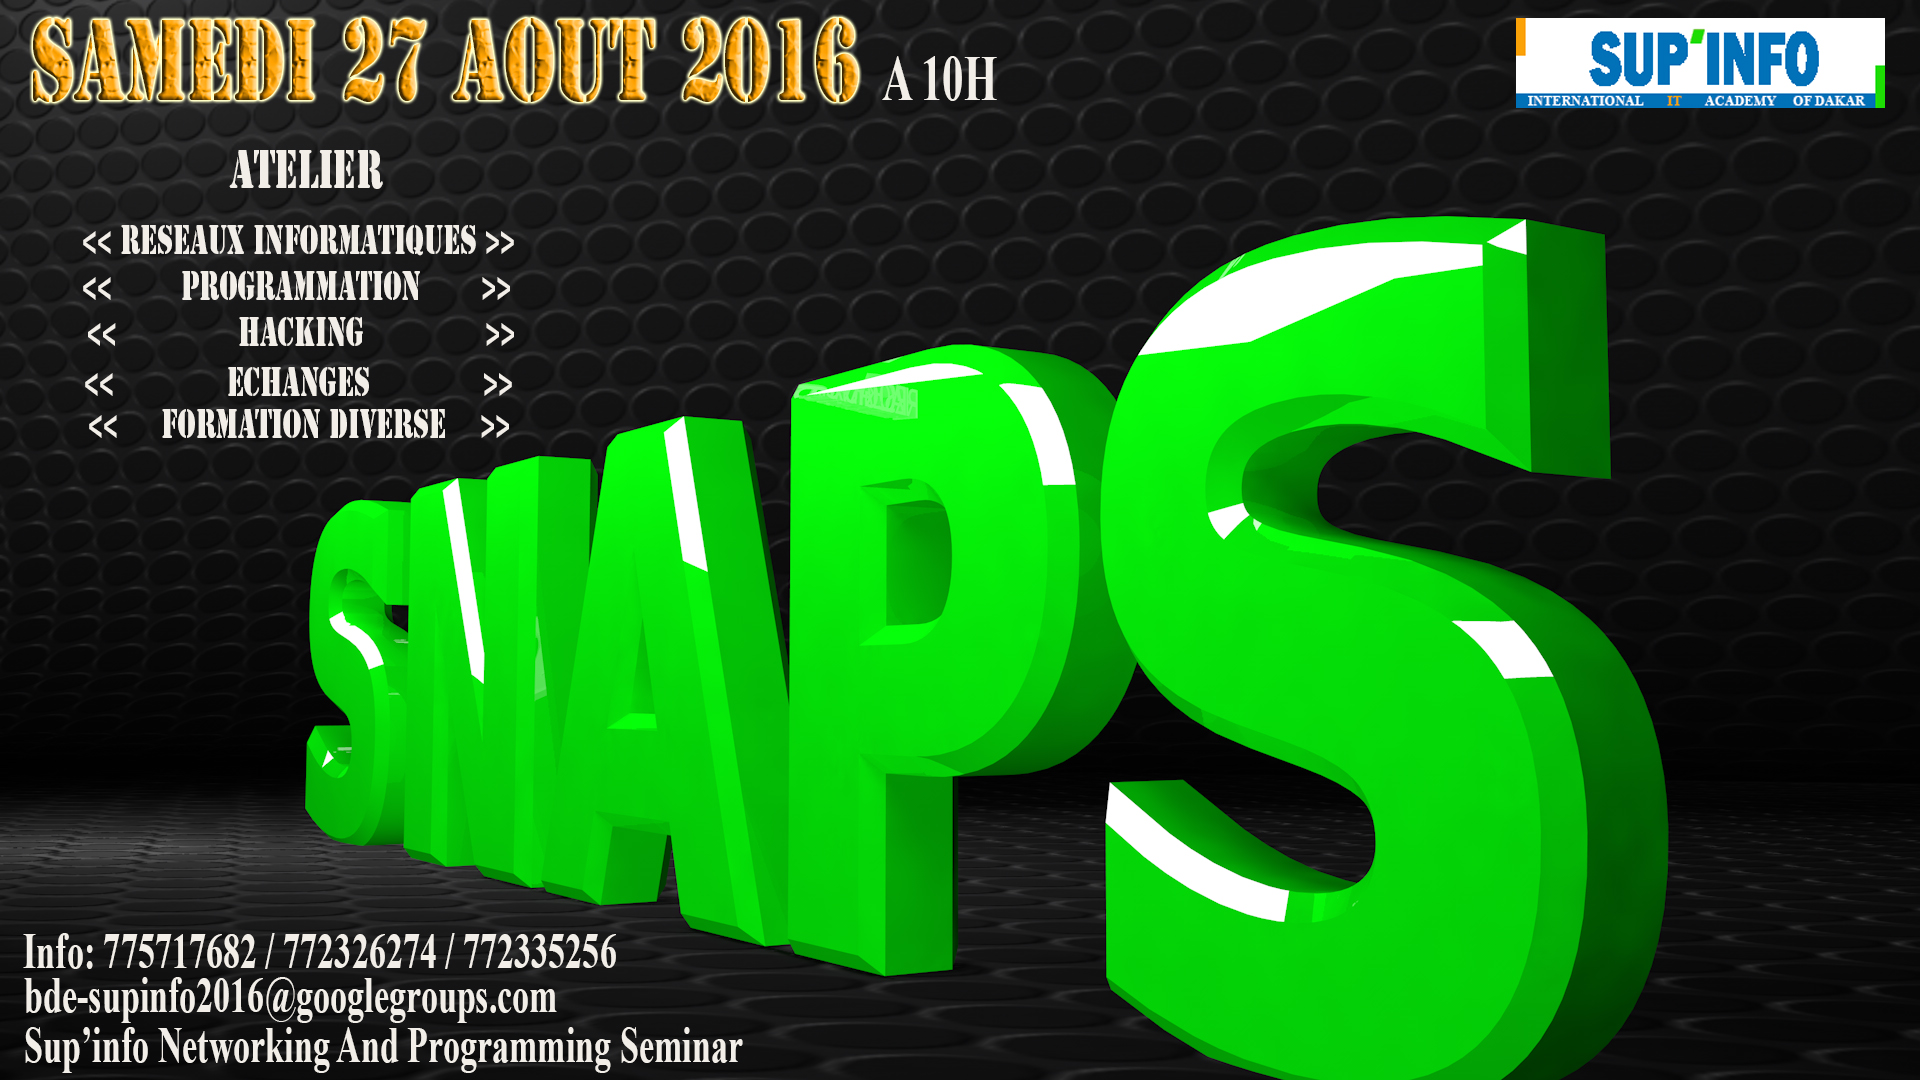 SNAPS: une journée dédiée aux hackers, spécialistes de réseaux et programmeurs informatqiues